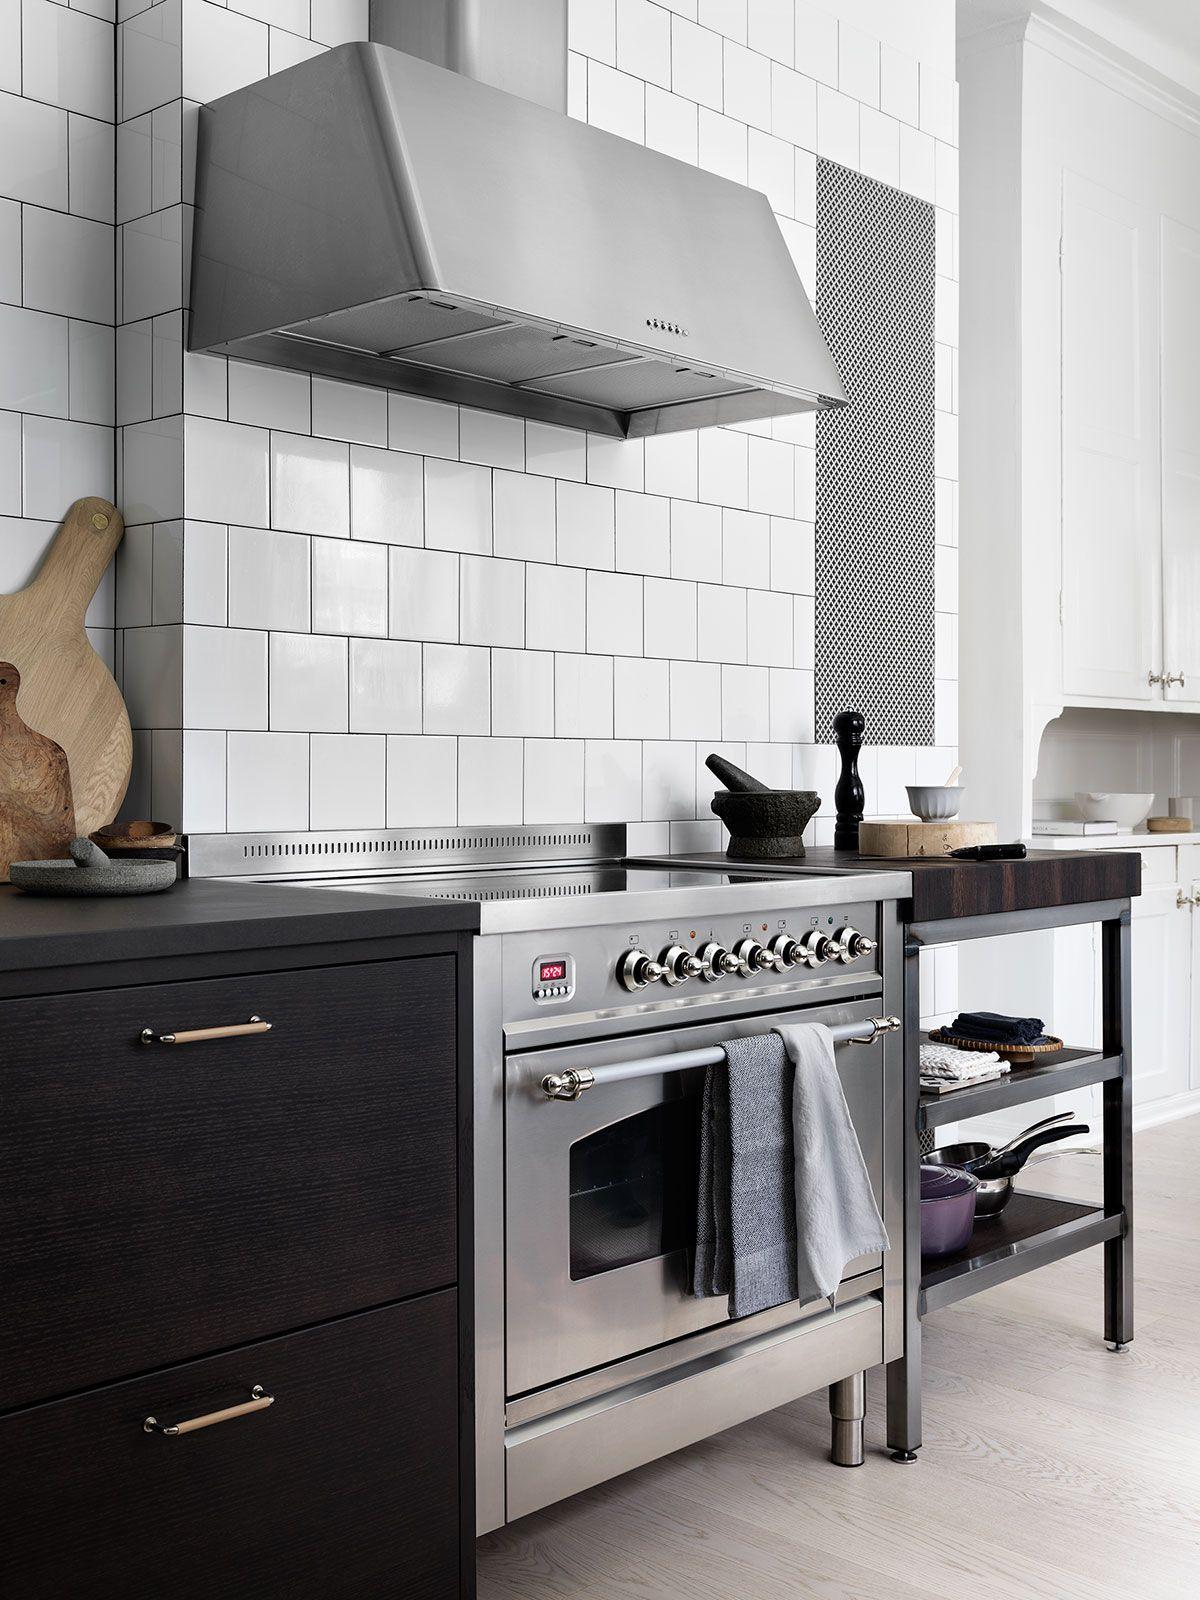 Kitchen Of The Week A Swedish Kitchen With A Place For Everything Remodelista Swedish Kitchen Bistro Kitchen Kitchen Interior Design Modern